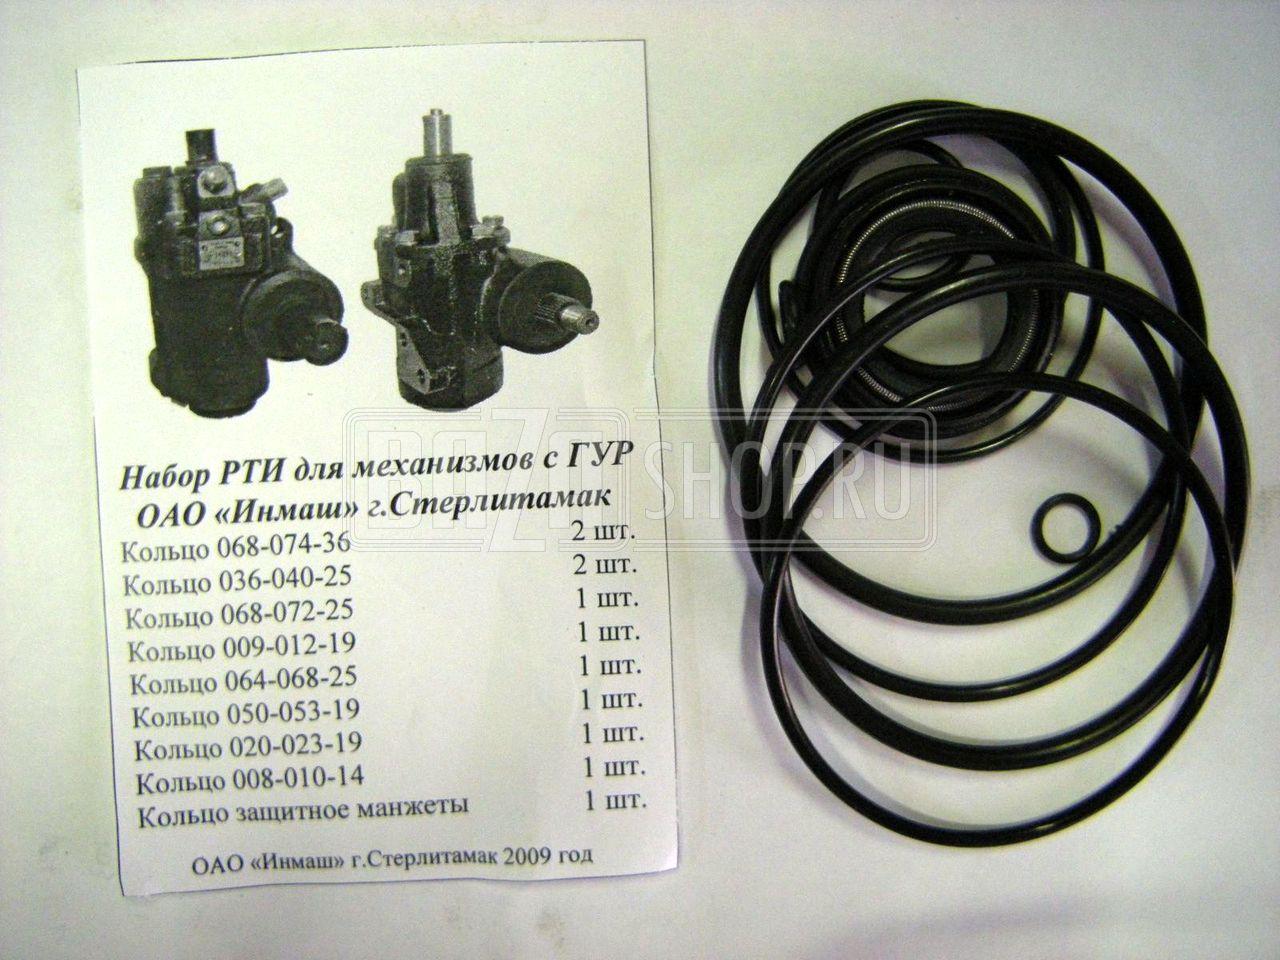 Ремкомплект гидроусилителя руля (ГУРа) УАЗ (Стерлитамак) ** - купить в Грозном